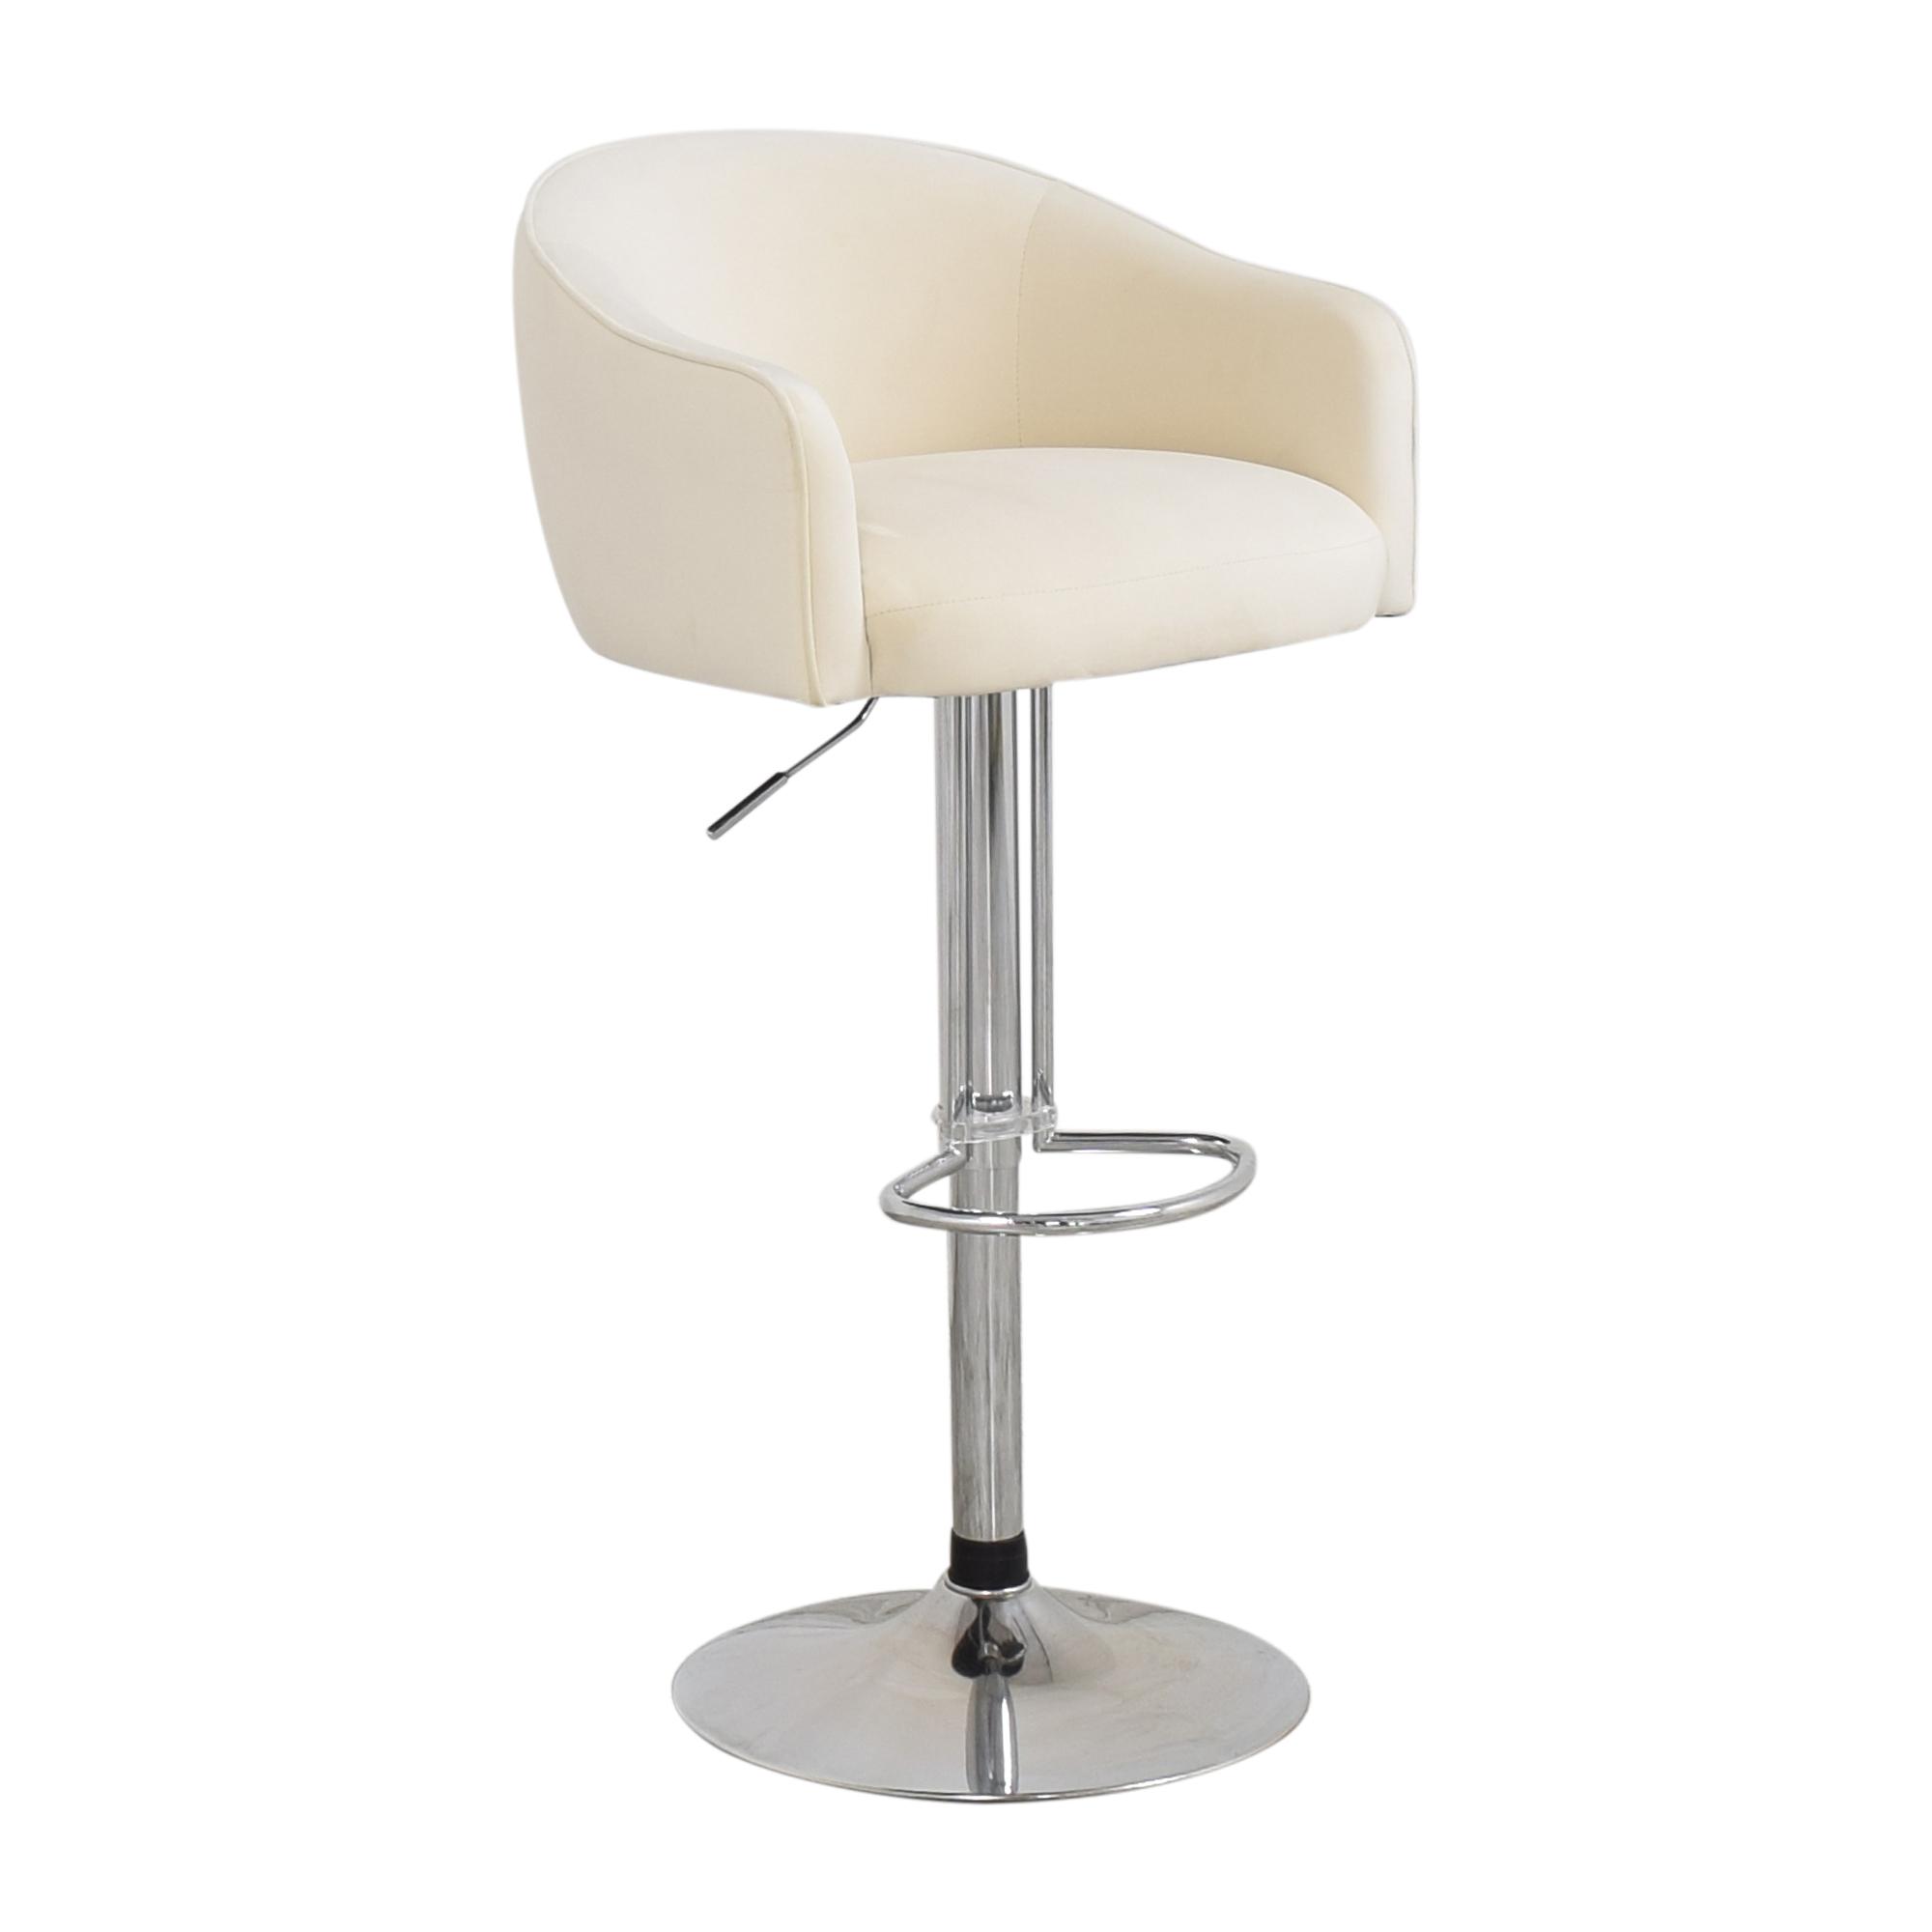 Safavieh Safavieh Couture Ellsworth Adjustable Barstool for sale